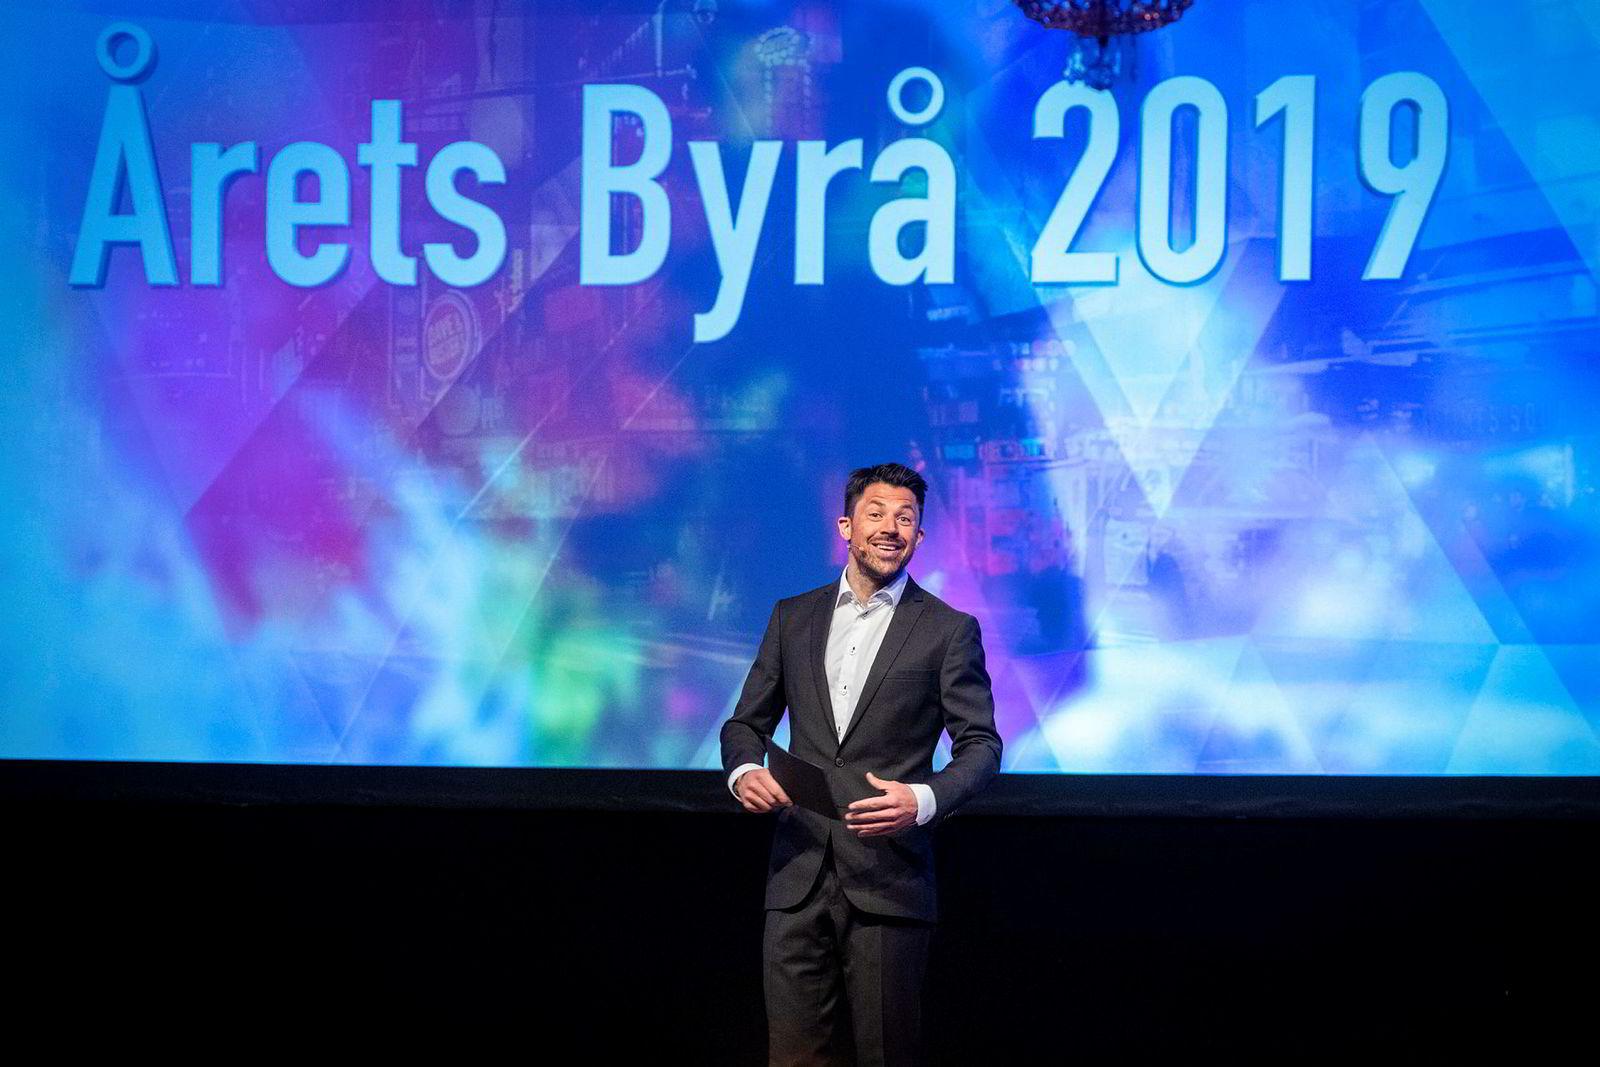 Komiker Nils-Ingar Aadne sto for underholdningen under Årets byrå 2019.